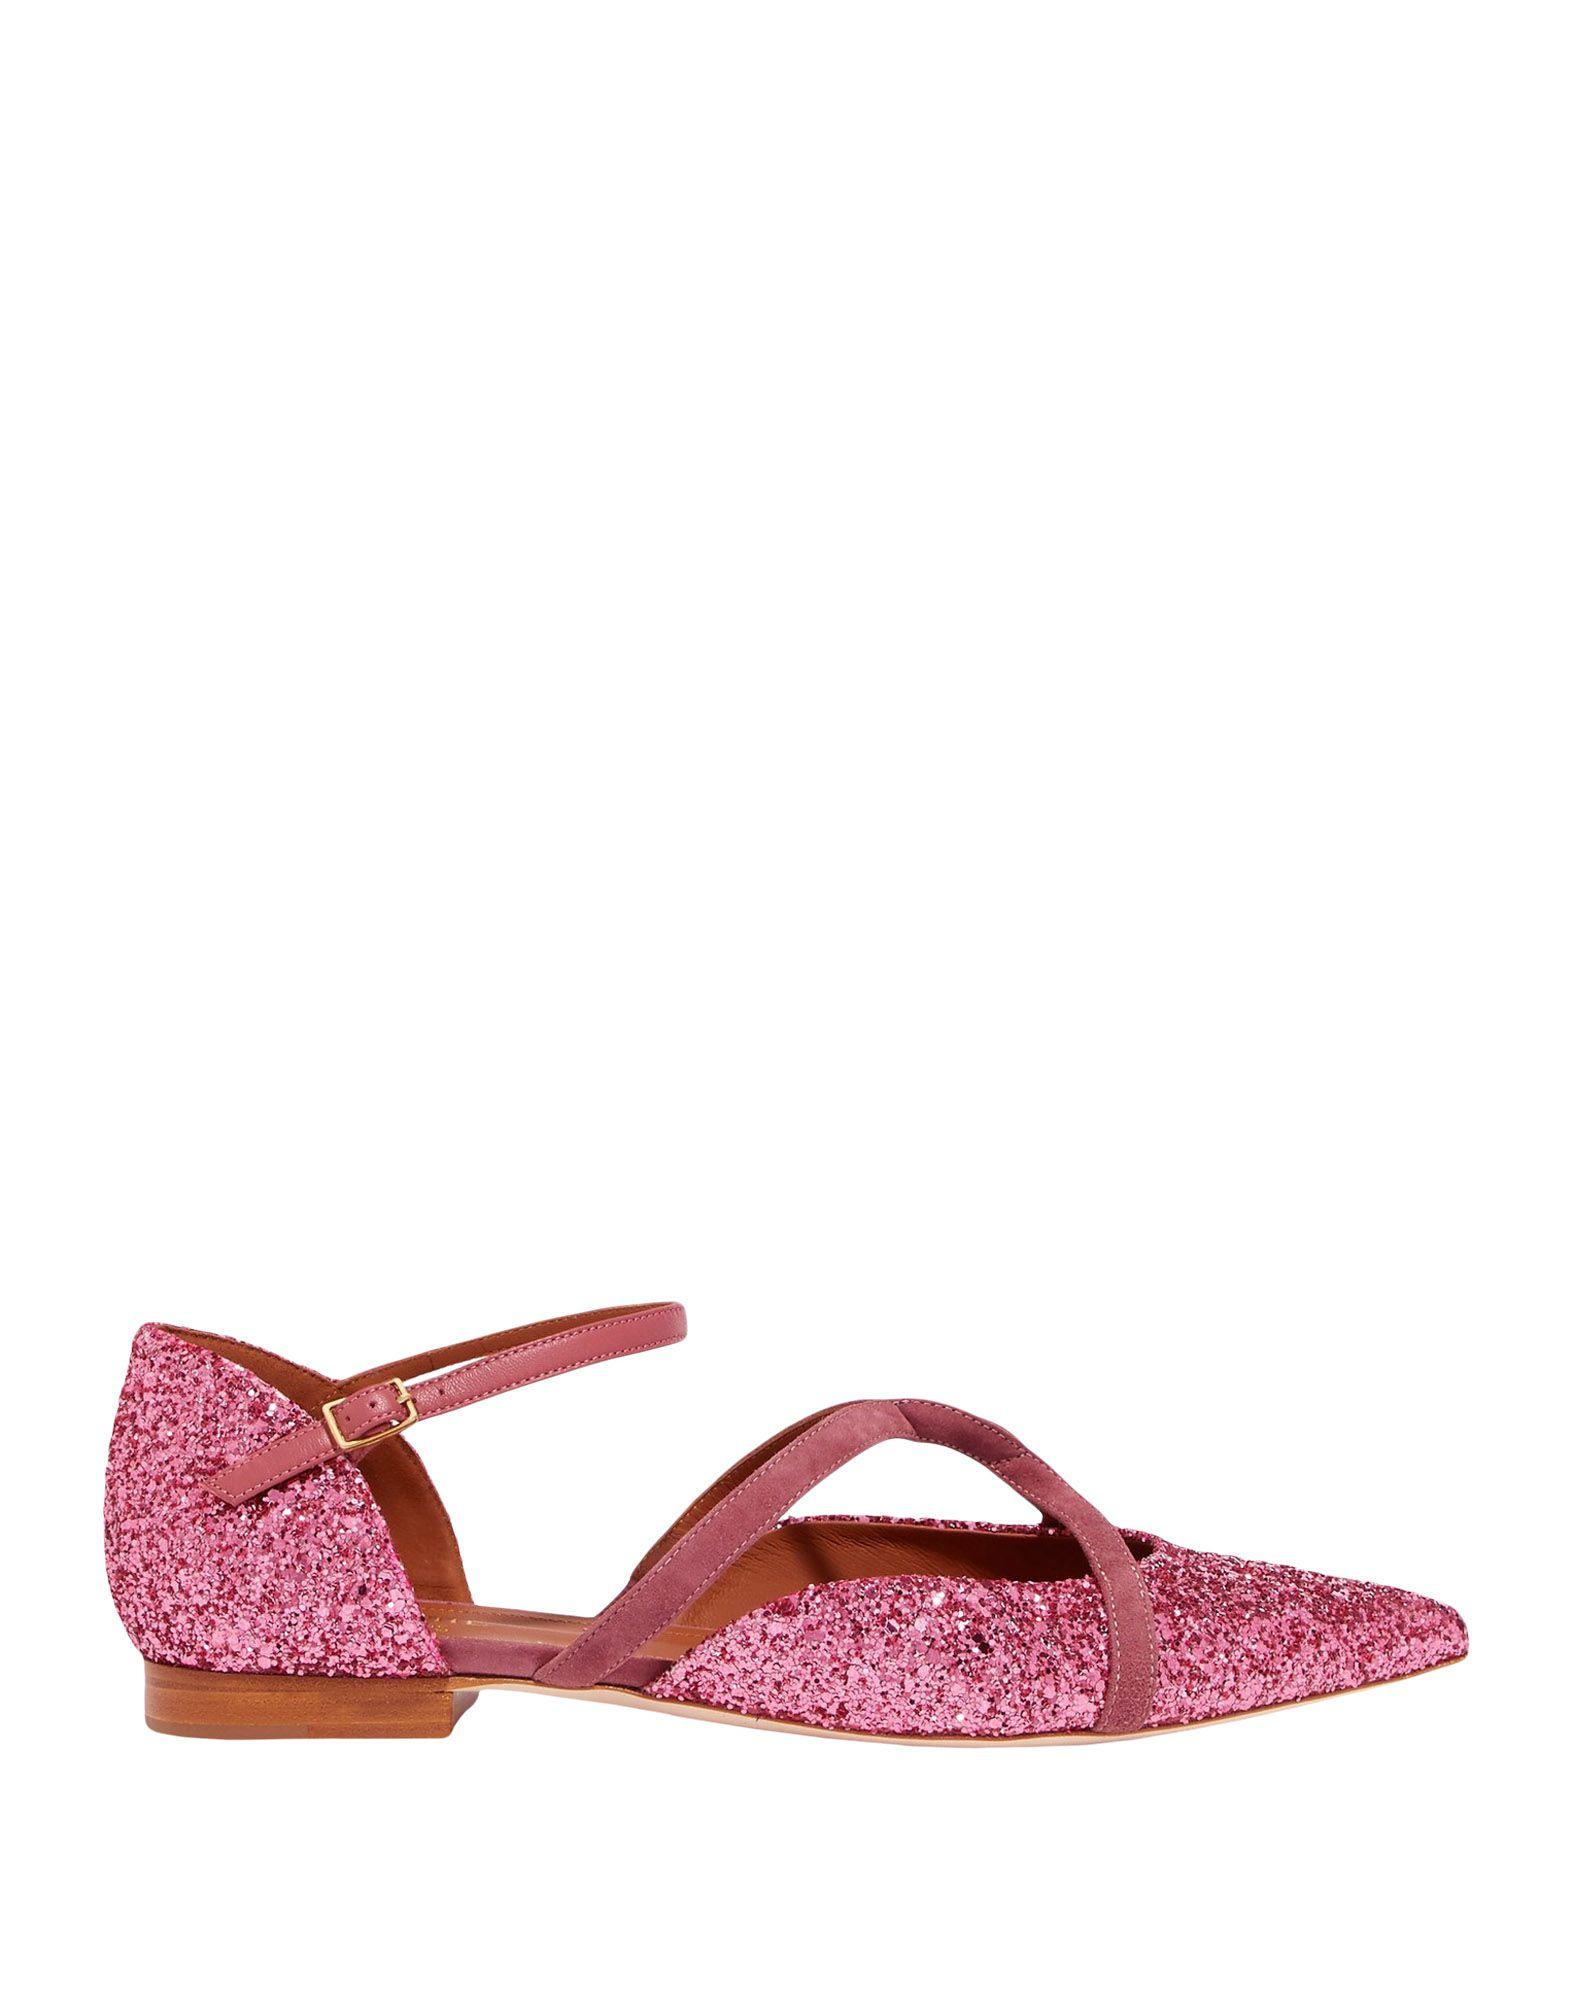 Isabel Marant Marant Marant Ballerinas Damen  11524479TV Beliebte Schuhe 95a6c2